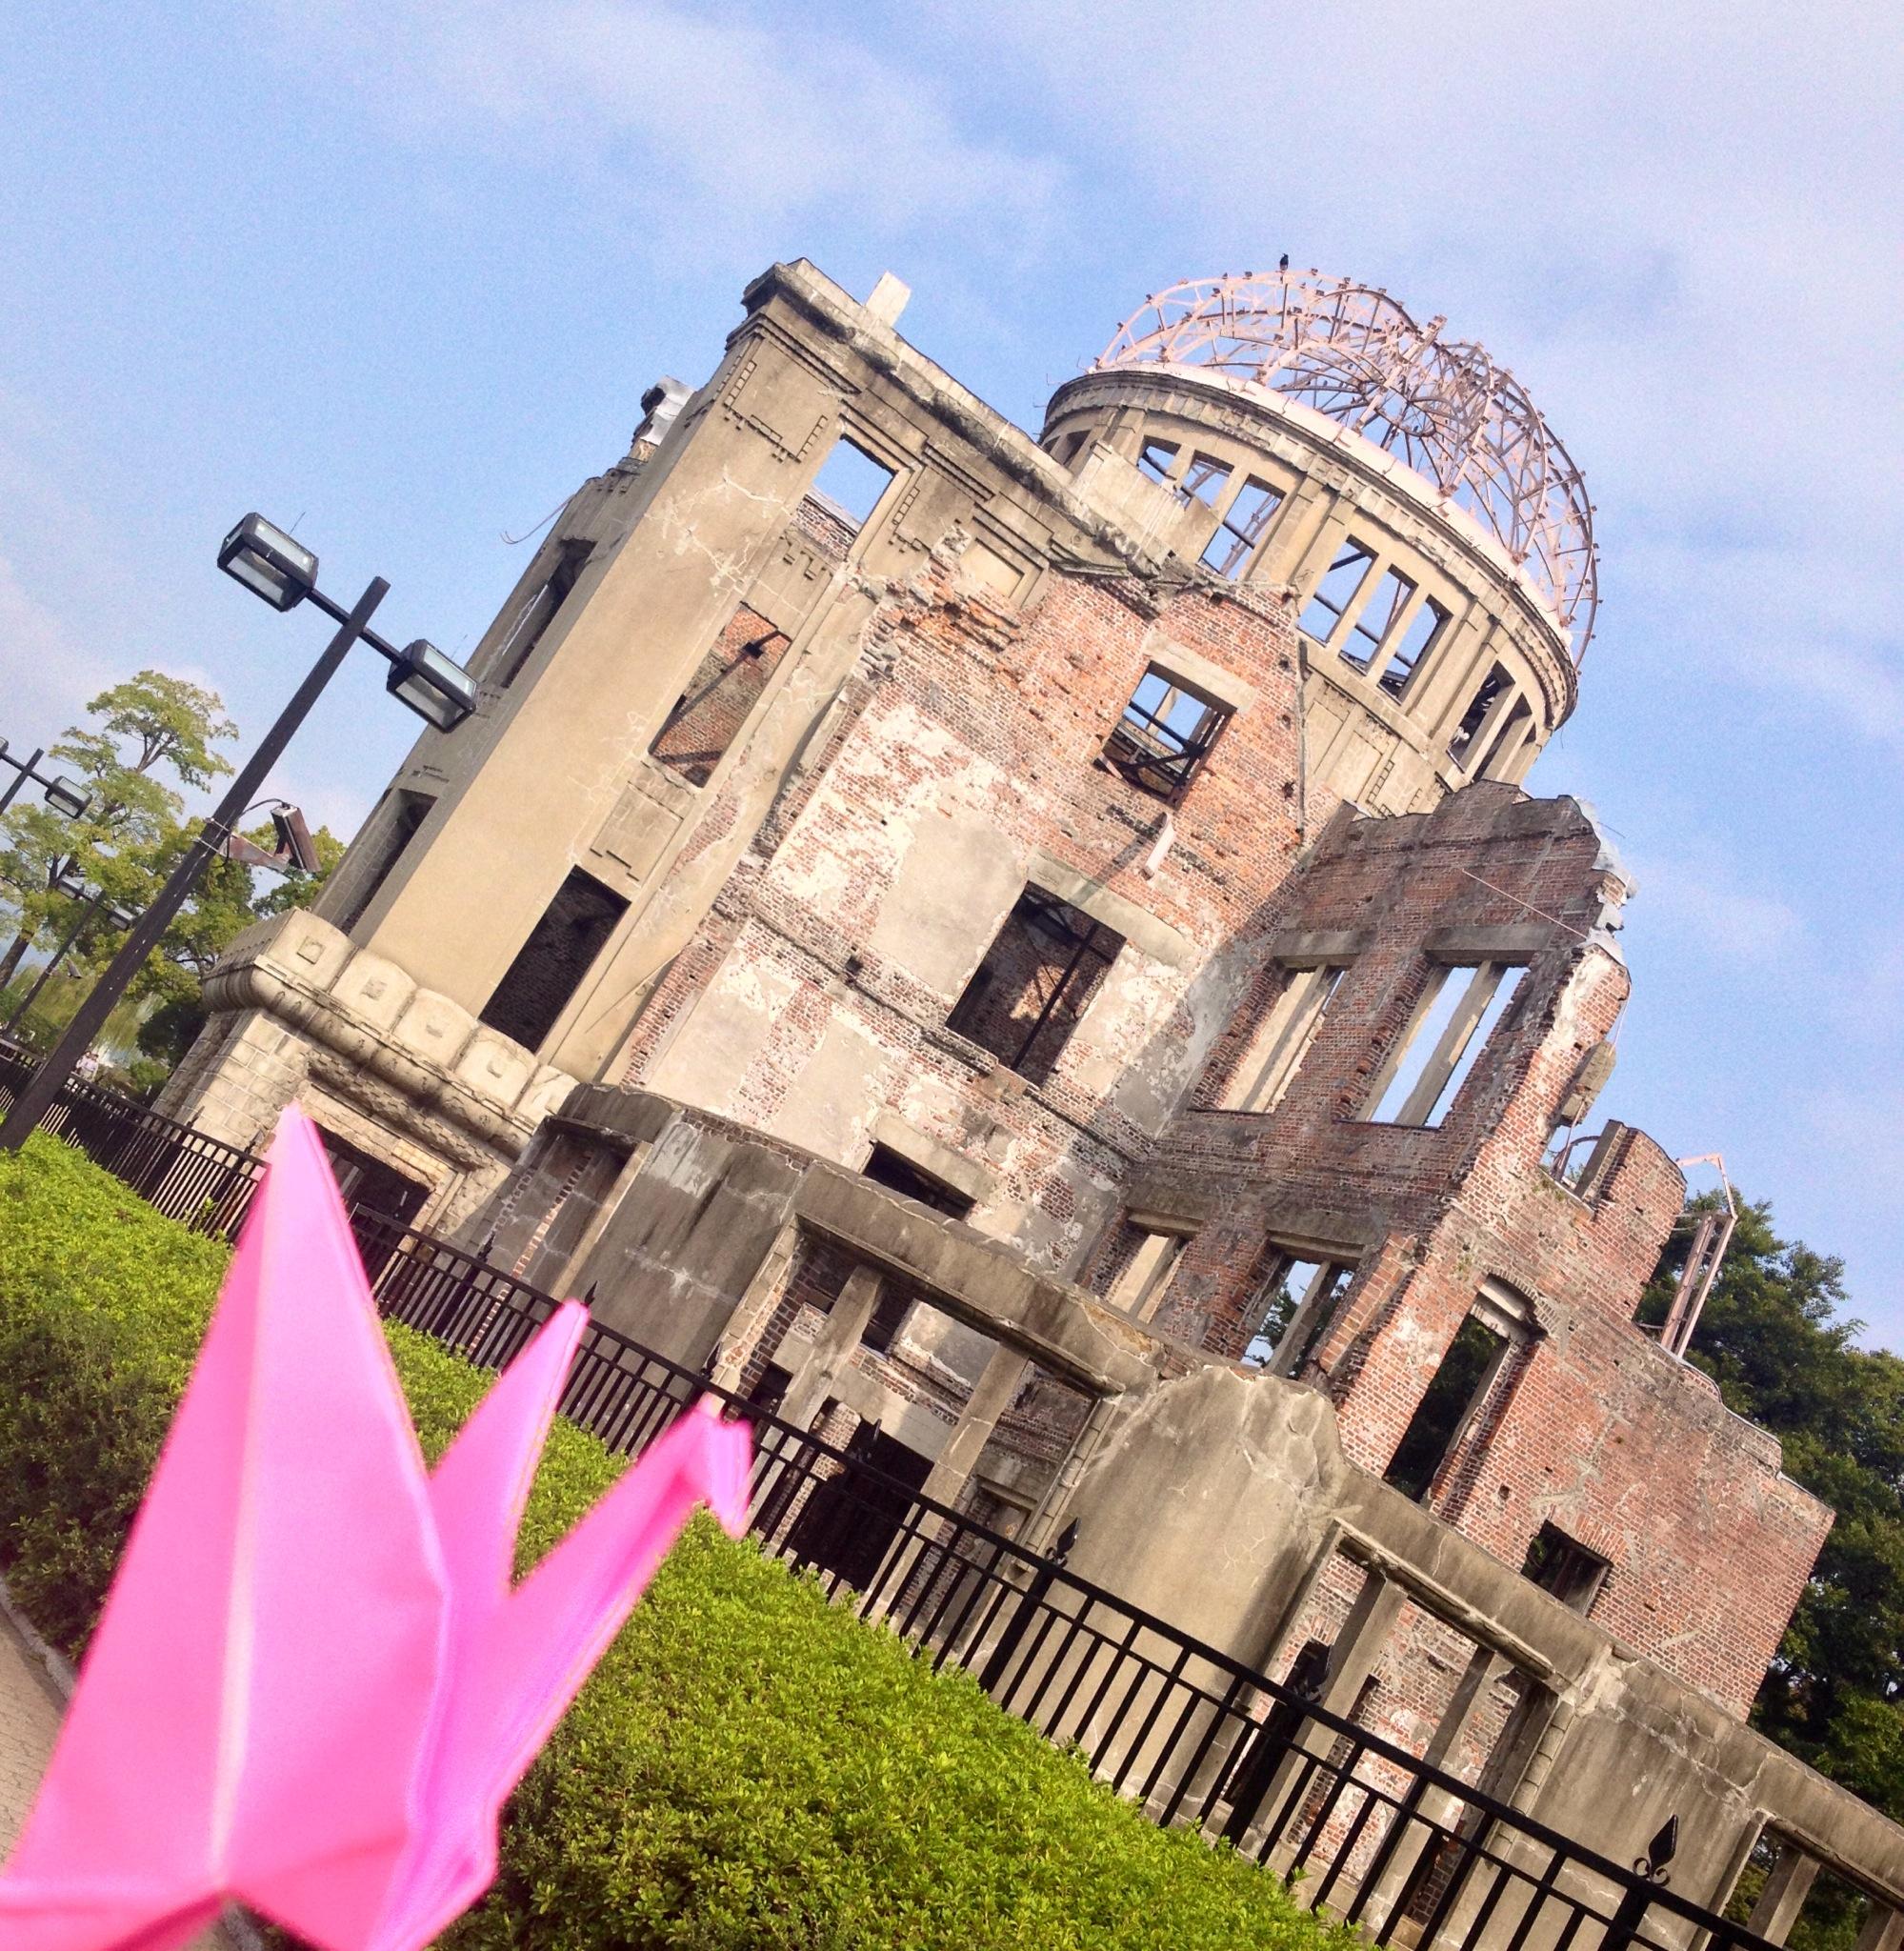 L'origami della Pace e la Cupola del Memoriale di Hiroshima, la foto dell'incontro.